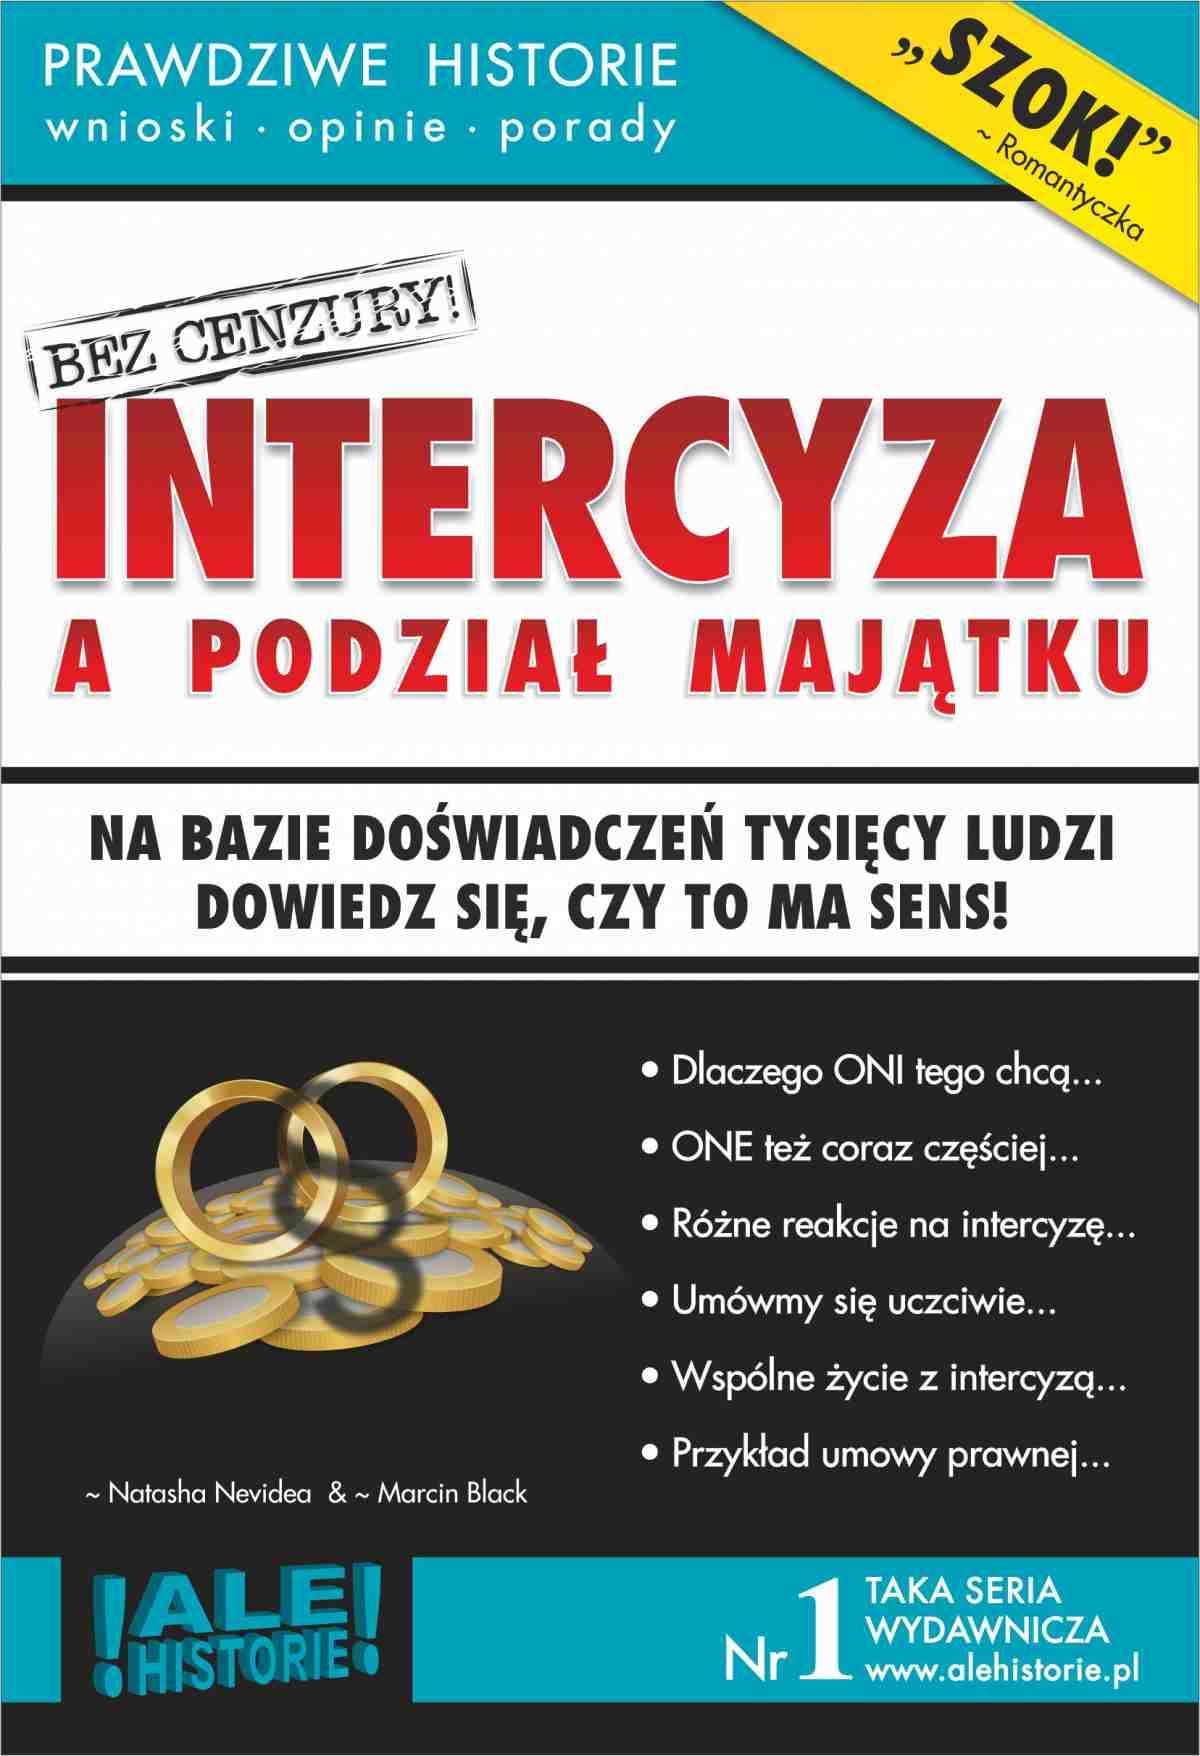 Intercyza a podział majątku. Prawdziwe historie, wnioski, opinie, porady... - Ebook (Książka EPUB) do pobrania w formacie EPUB